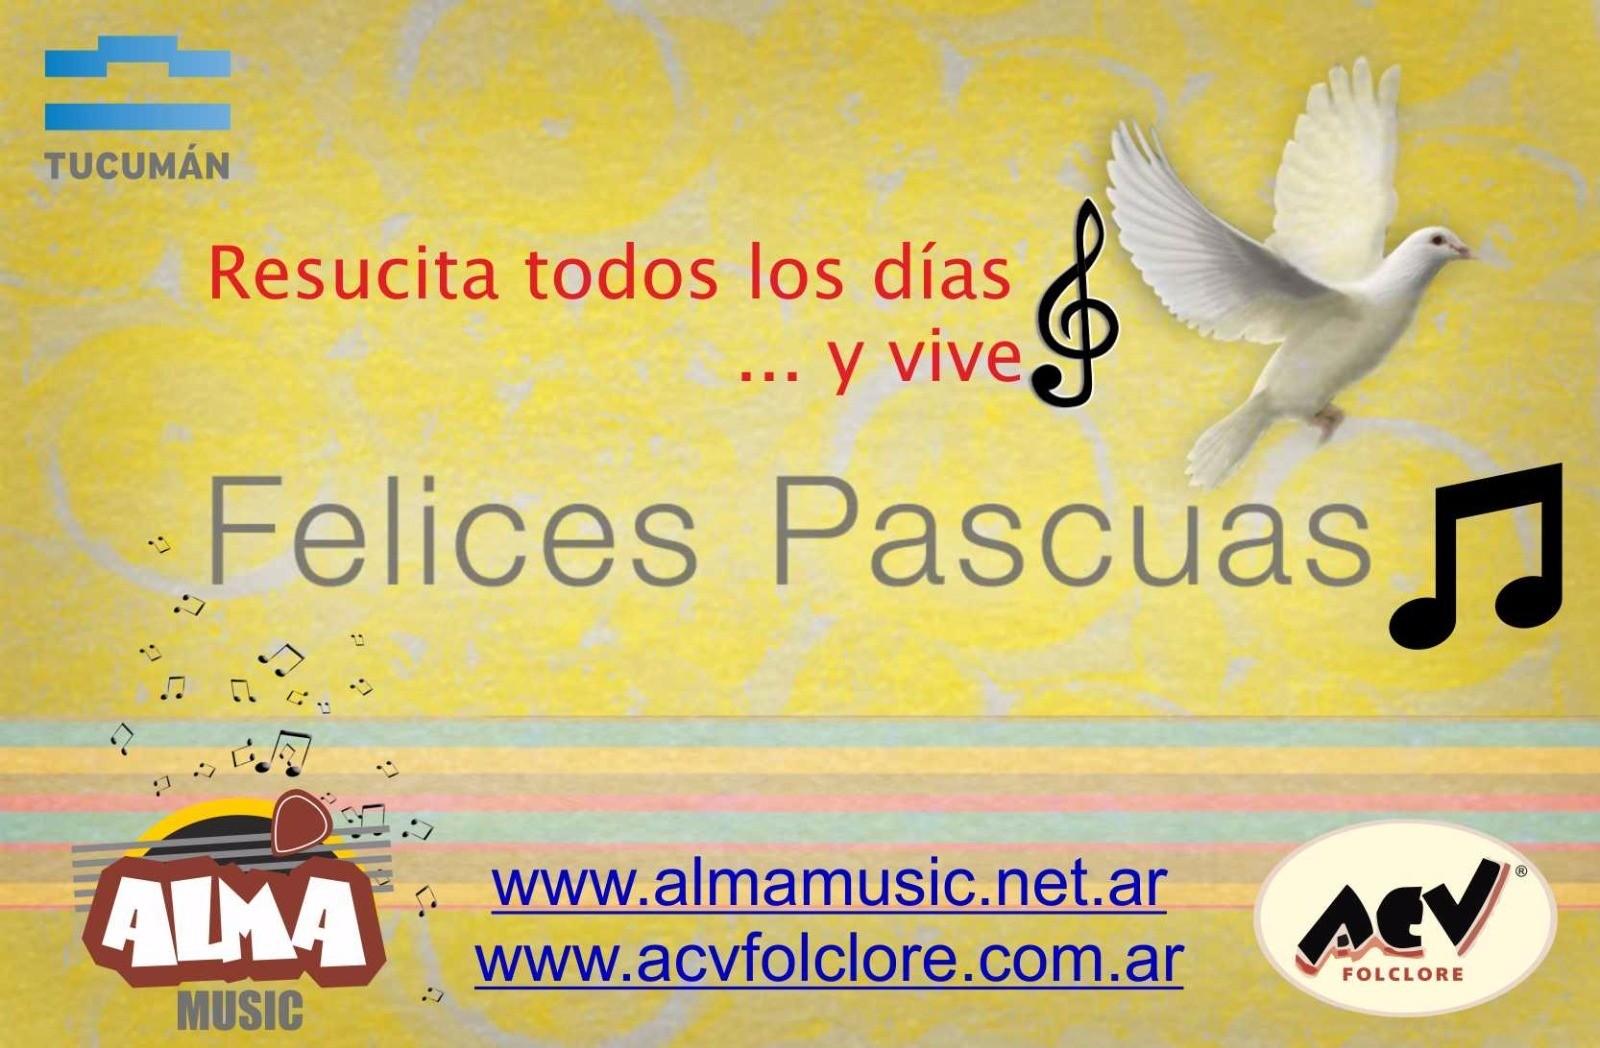 """#FelicesPascuas """"Resucita todos los días... y vive"""""""